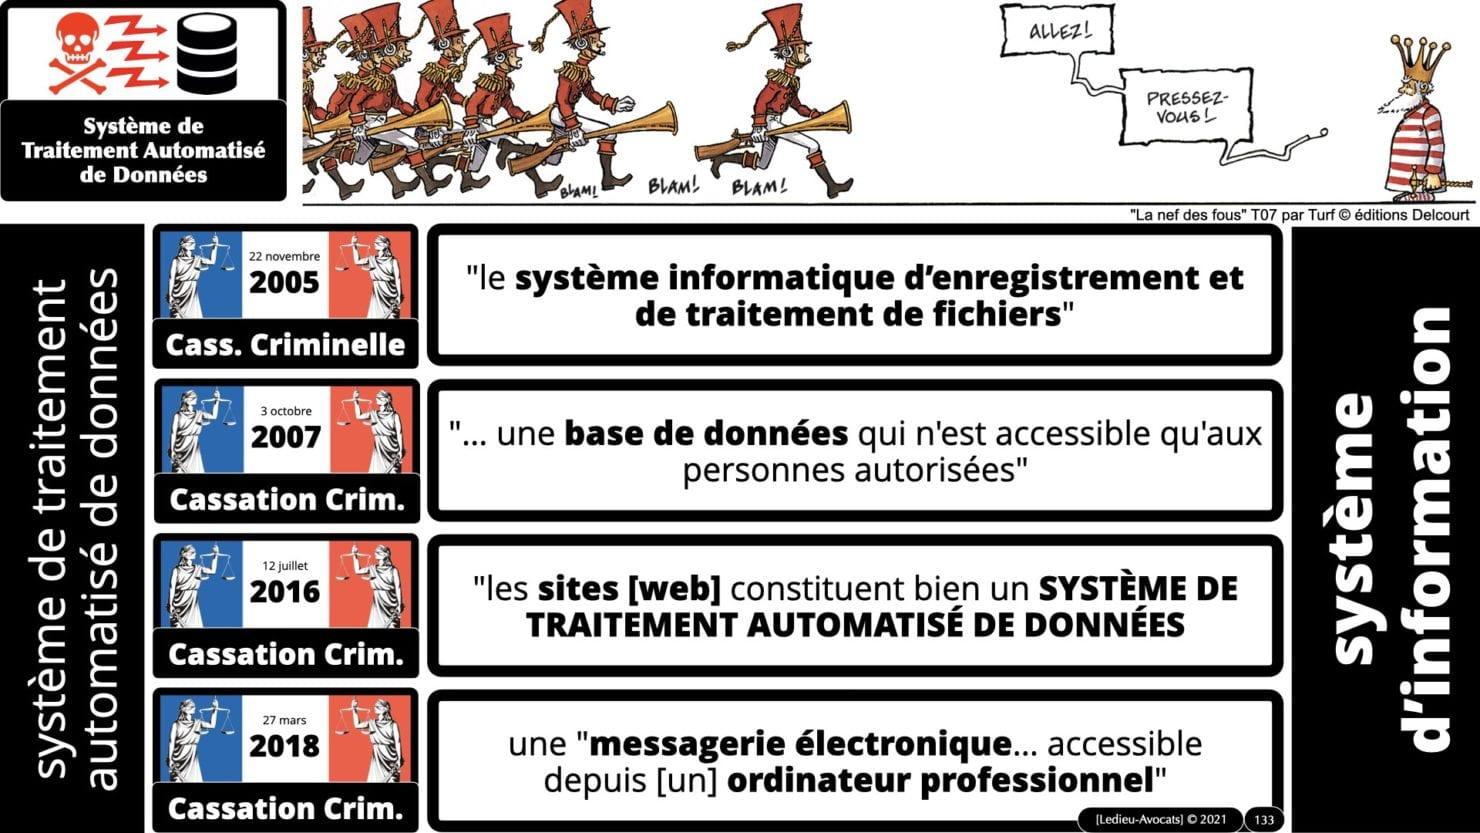 333 CYBER ATTAQUE responsabilité pénale civile contrat © Ledieu-Avocats 23-05-2021.133